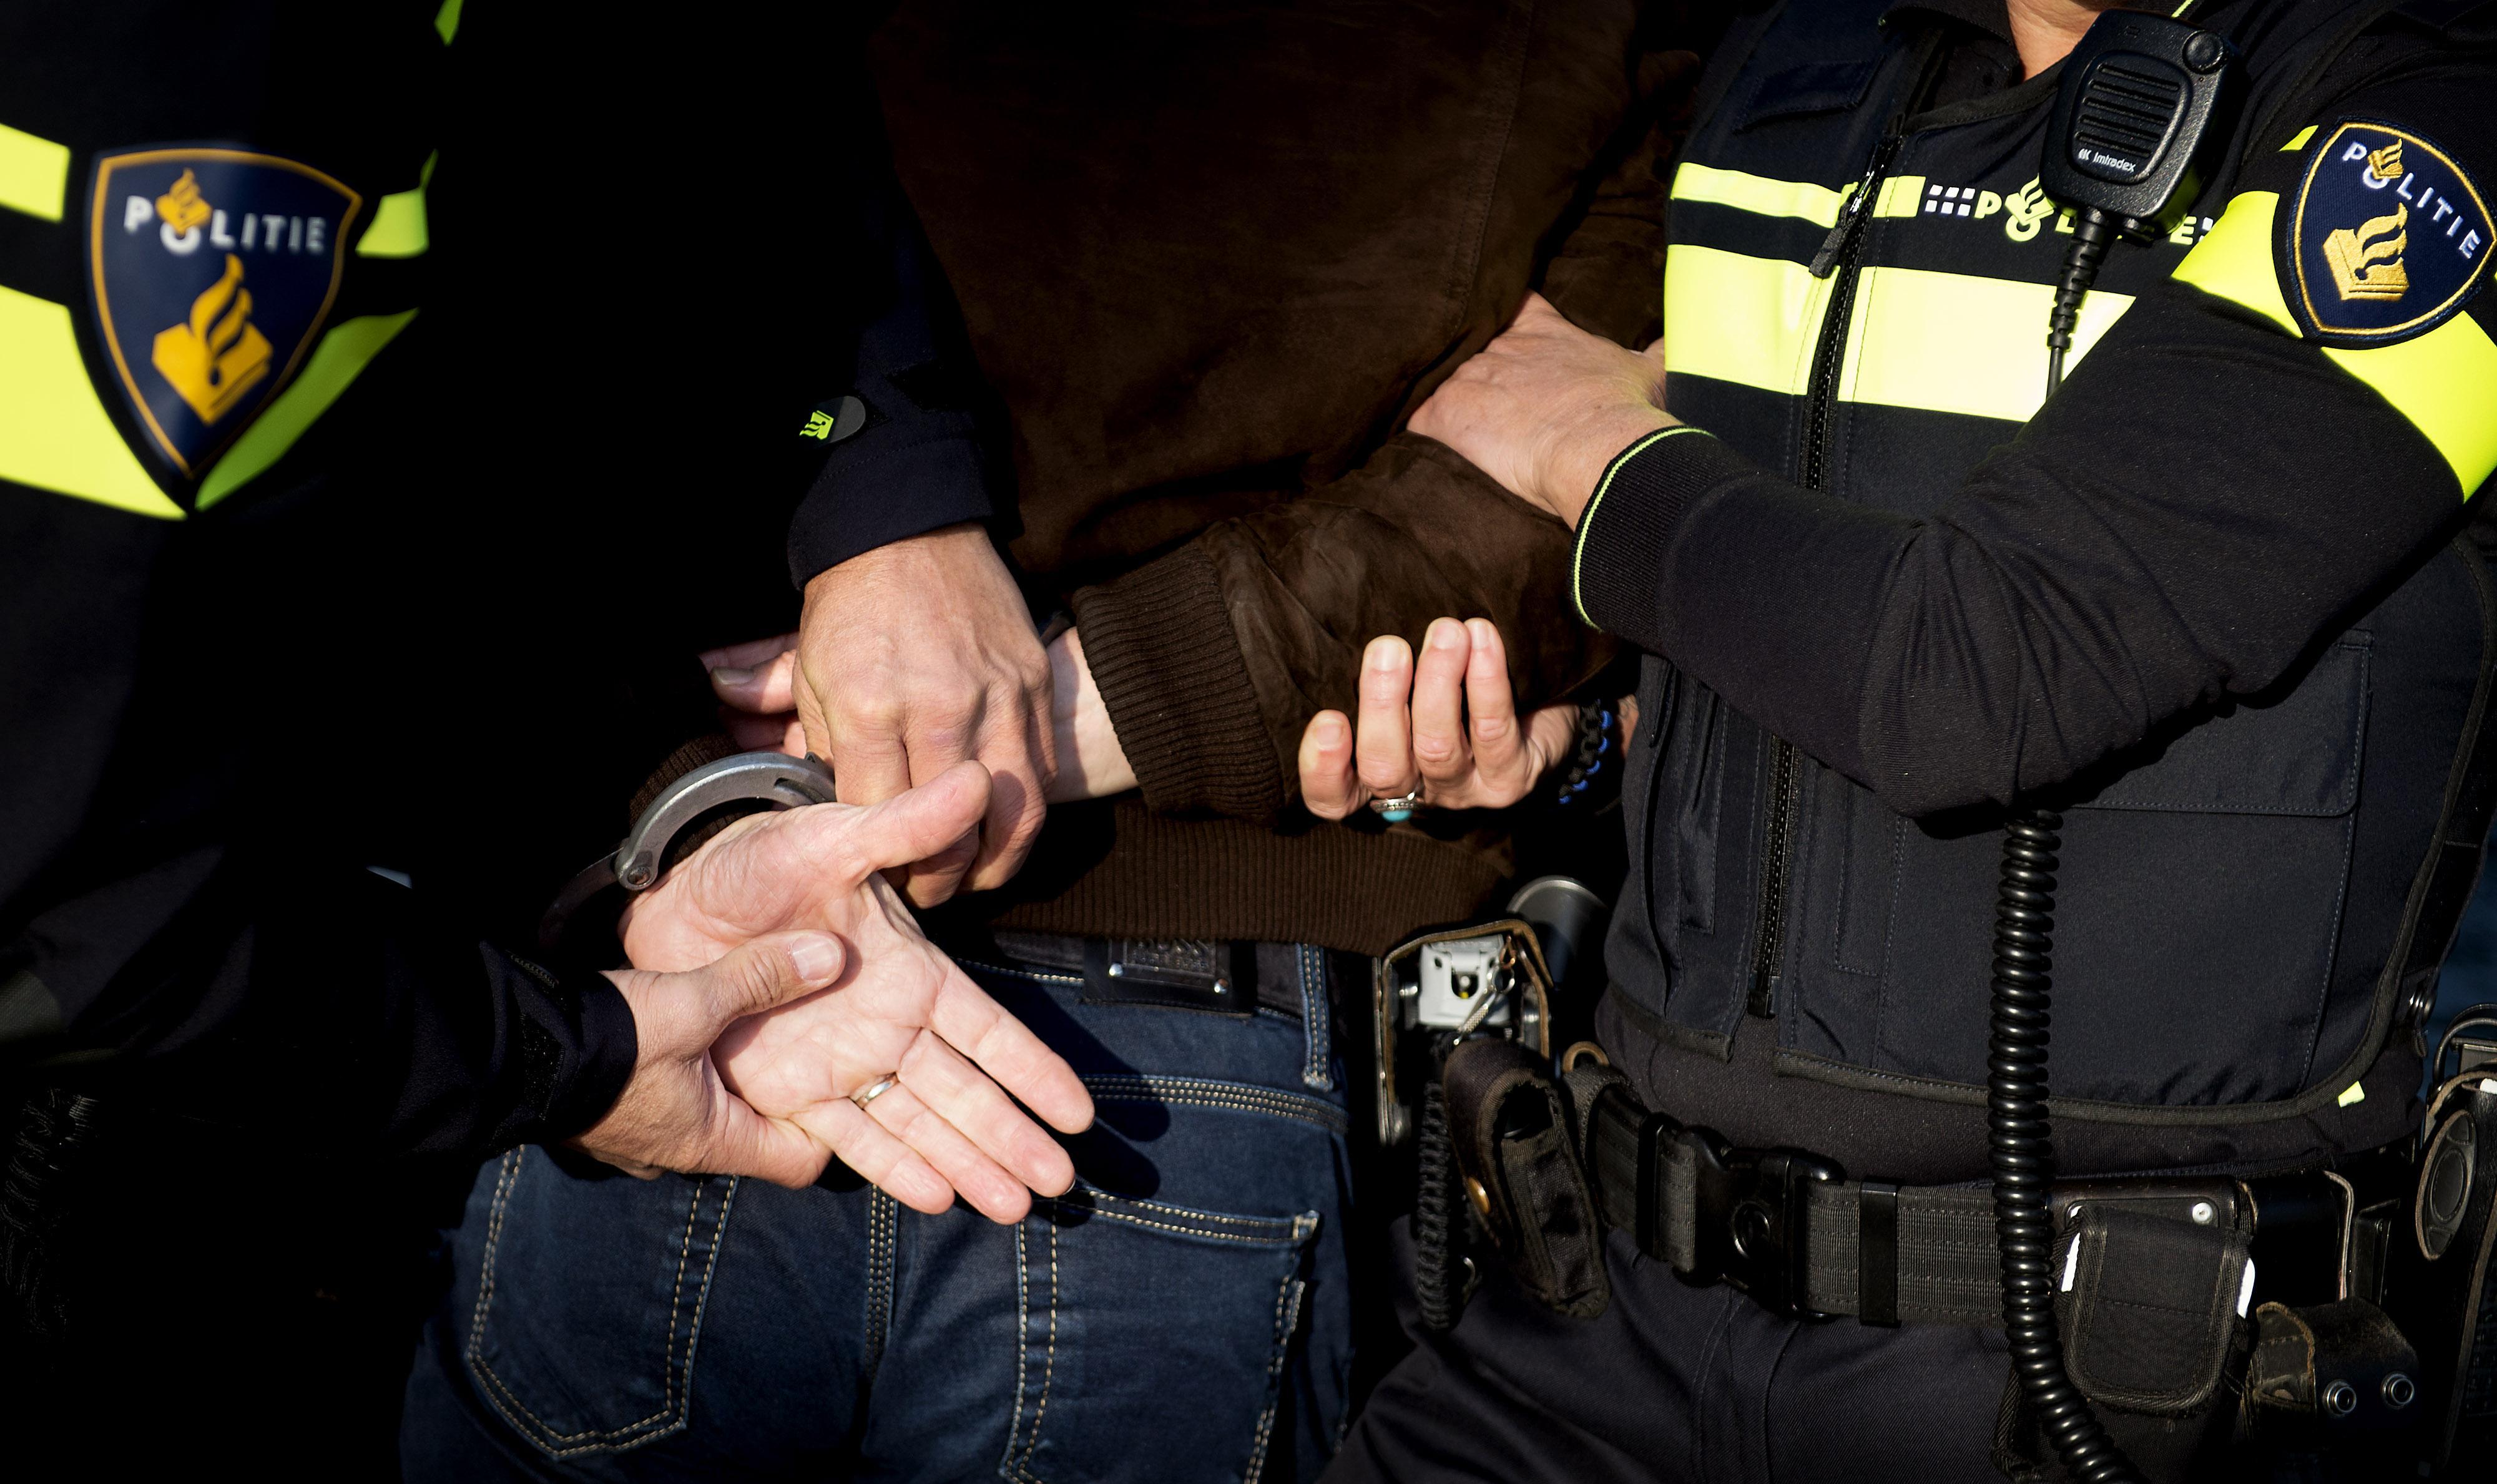 Zandvoorter met inbrekersgereedschap aangehouden